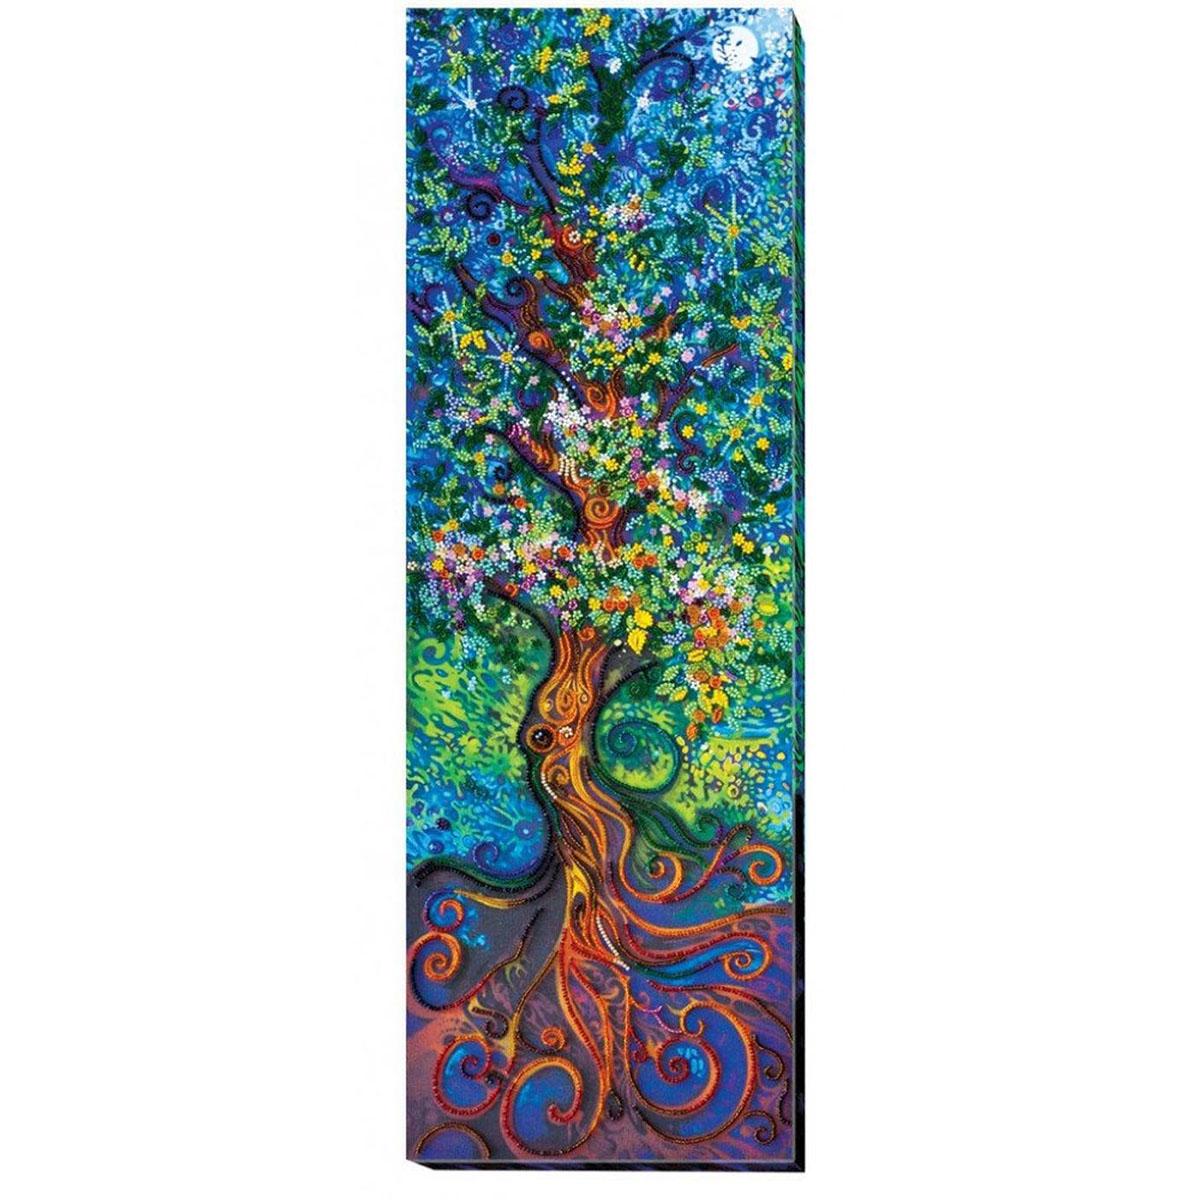 АВ-404 Набор для вышивания бисером 'Абрис Арт' 'Волшебство', 21*65 см